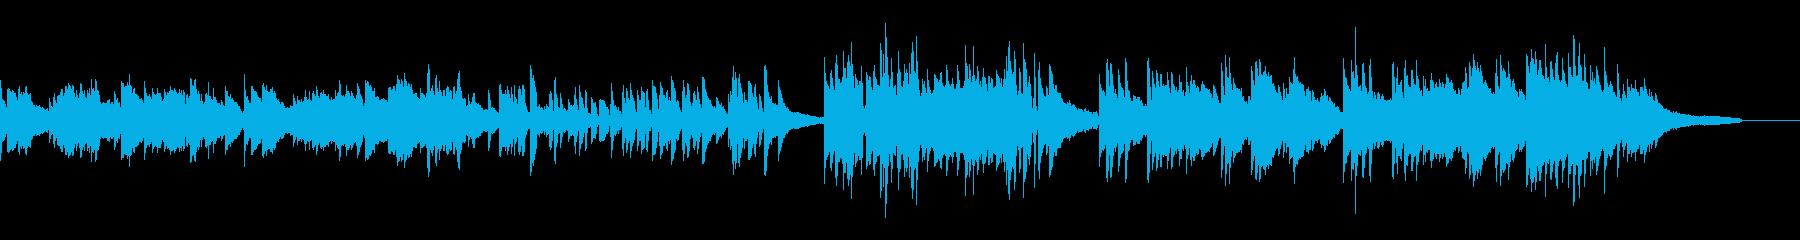 爽やか 素朴 壮大 ピアノソロの再生済みの波形